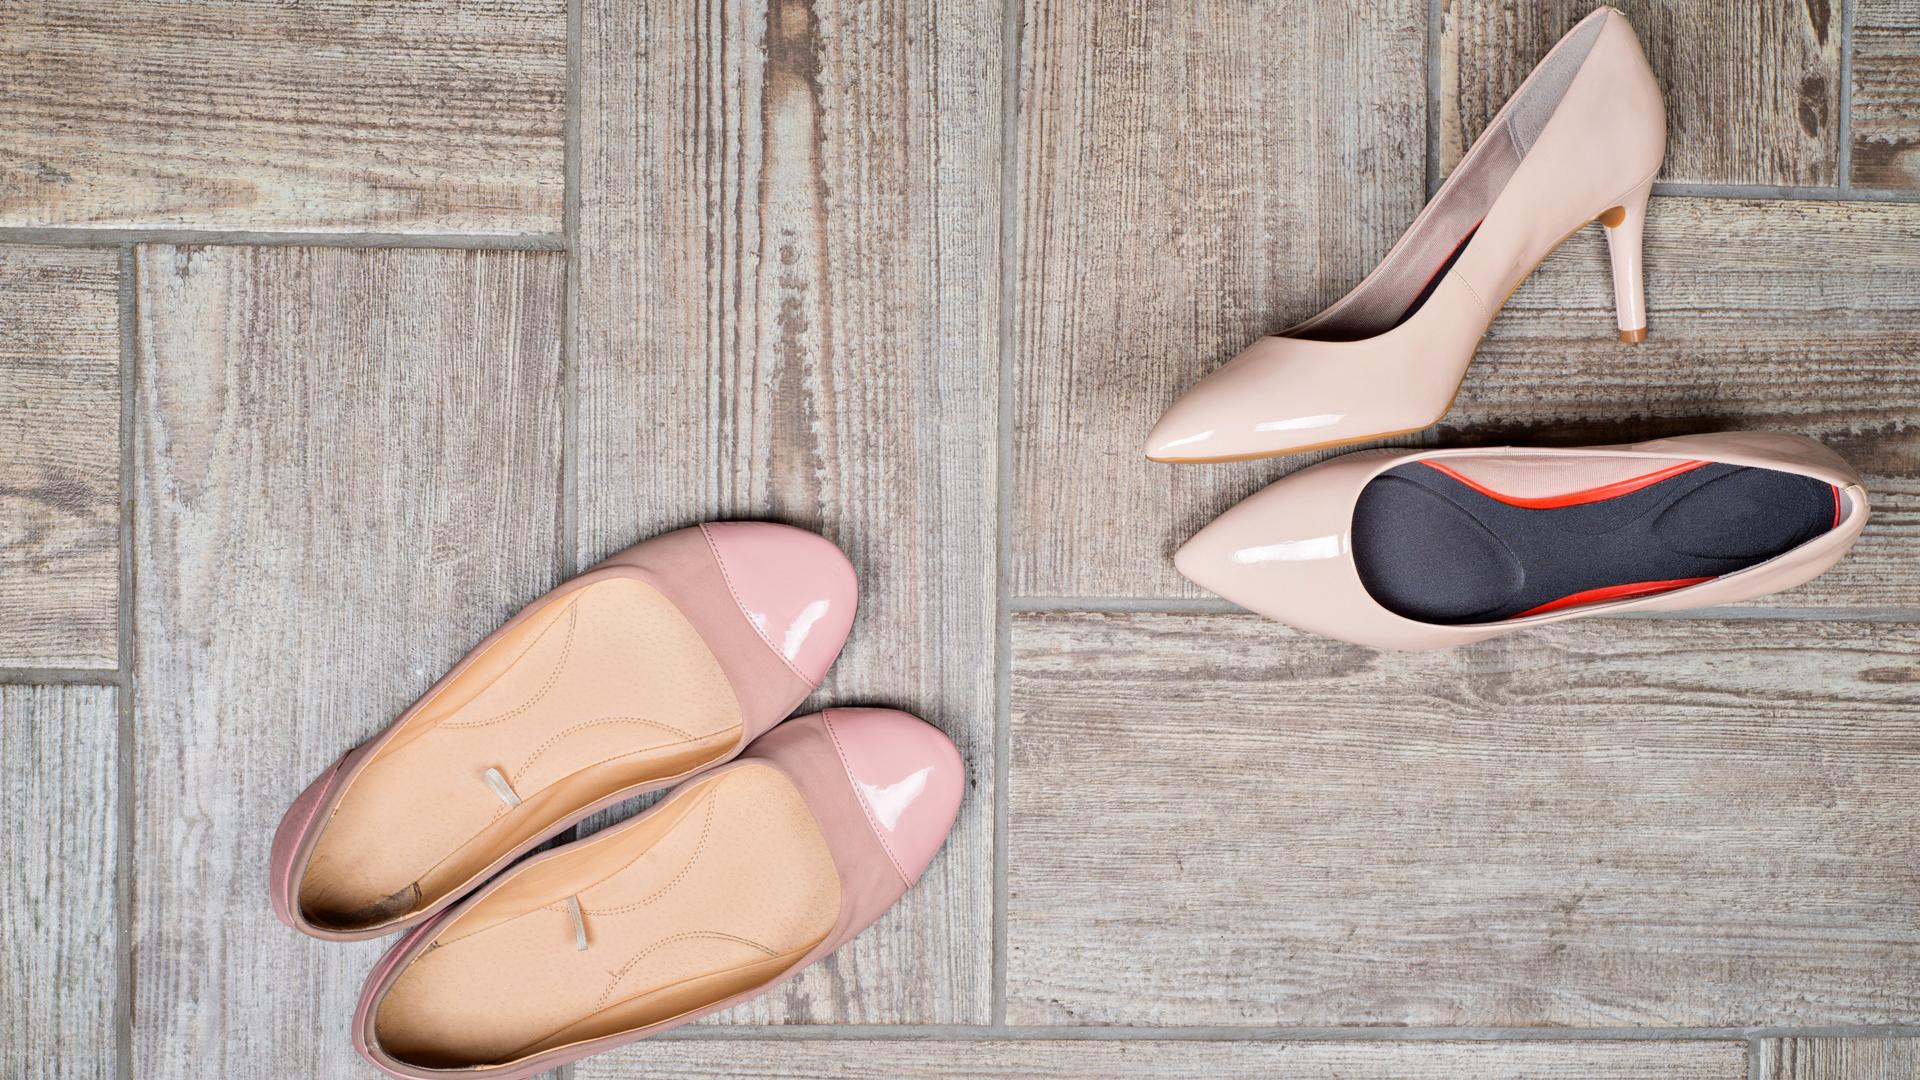 Infobae De Las Accesorio Fetiche Zapatos Nuevo BajosEl Mujeres WH9DE2I